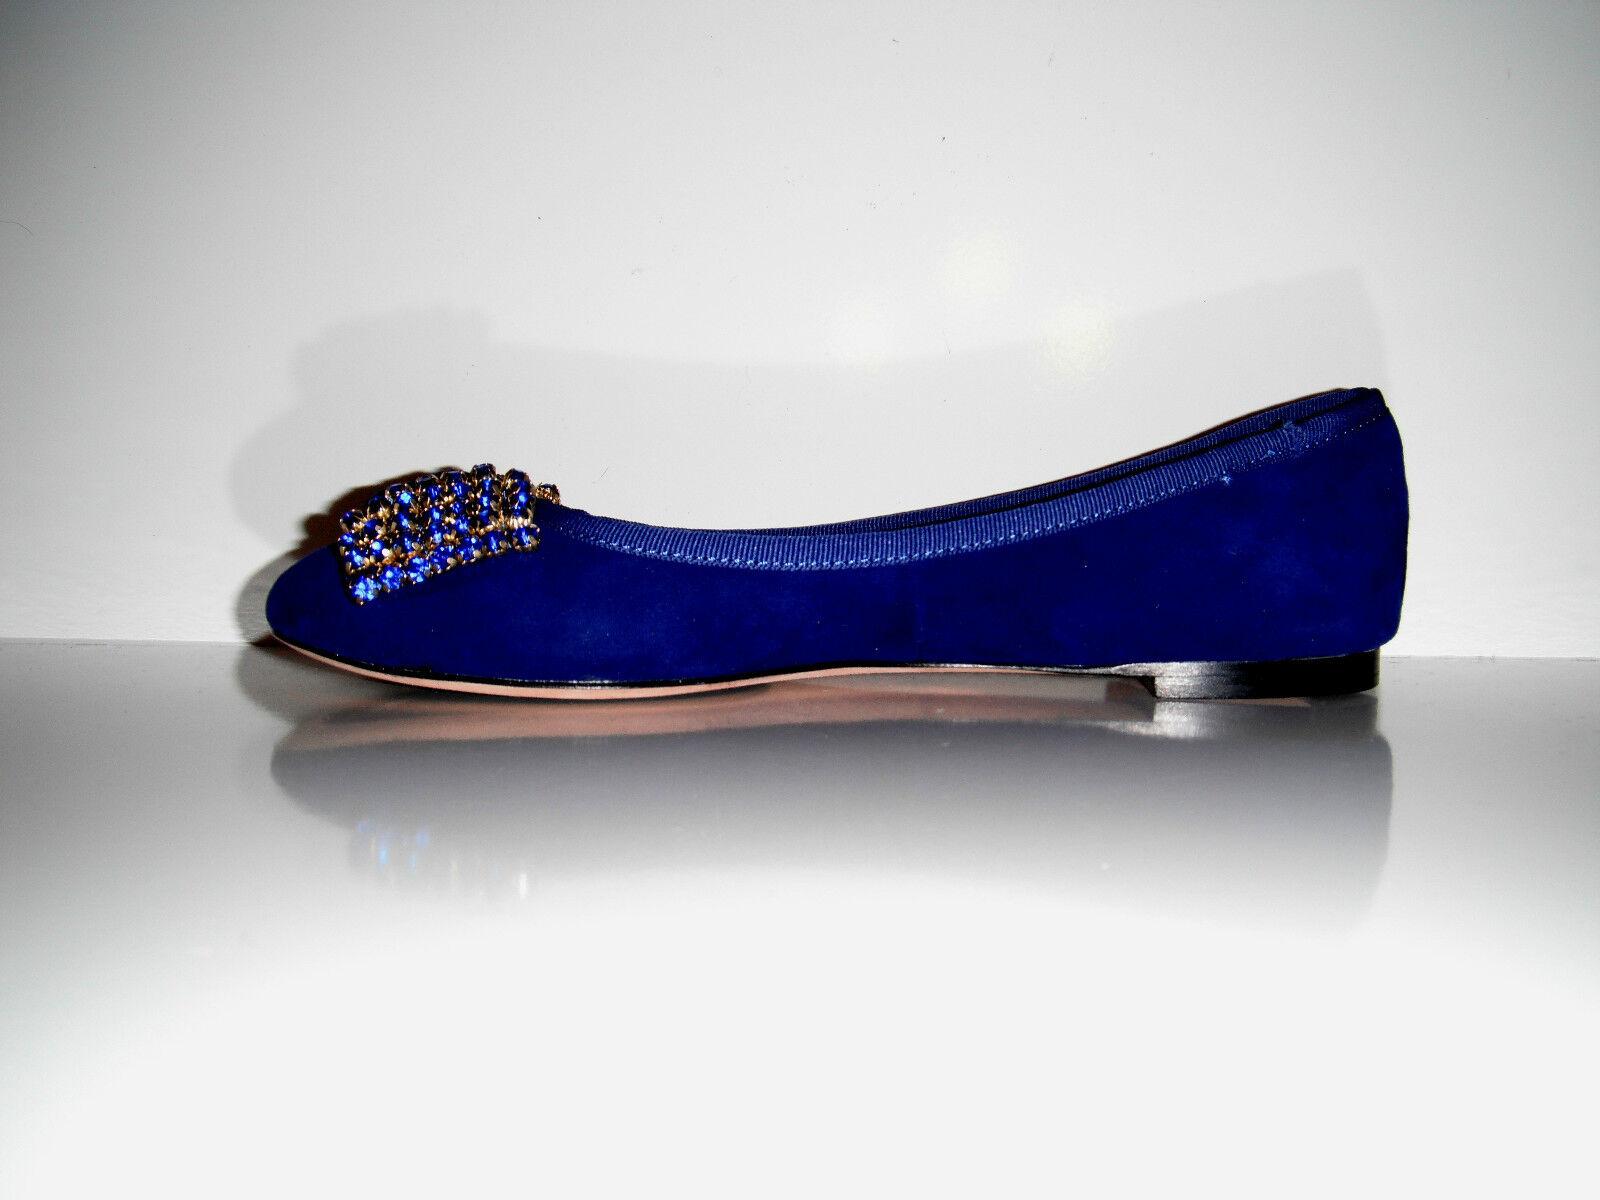 $210 mujeres Nuevo en Caja Isola para mujeres $210 Vestido Biel Blue Suede Zapatos b500ee